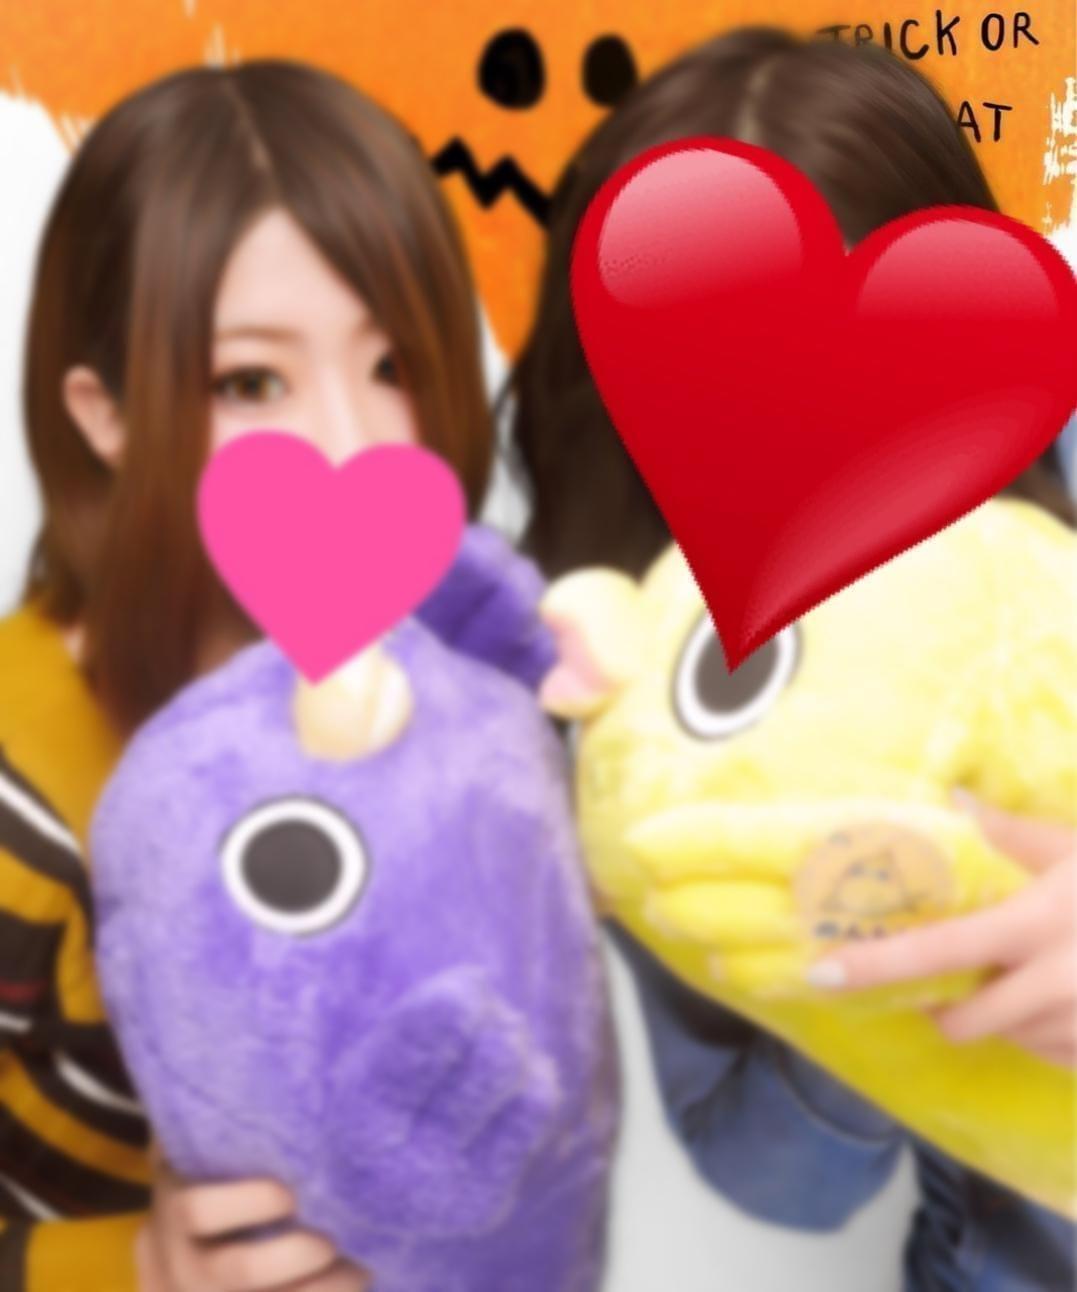 らん☆高身長、美巨乳美女「雑談」07/16(月) 04:50   らん☆高身長、美巨乳美女の写メ・風俗動画